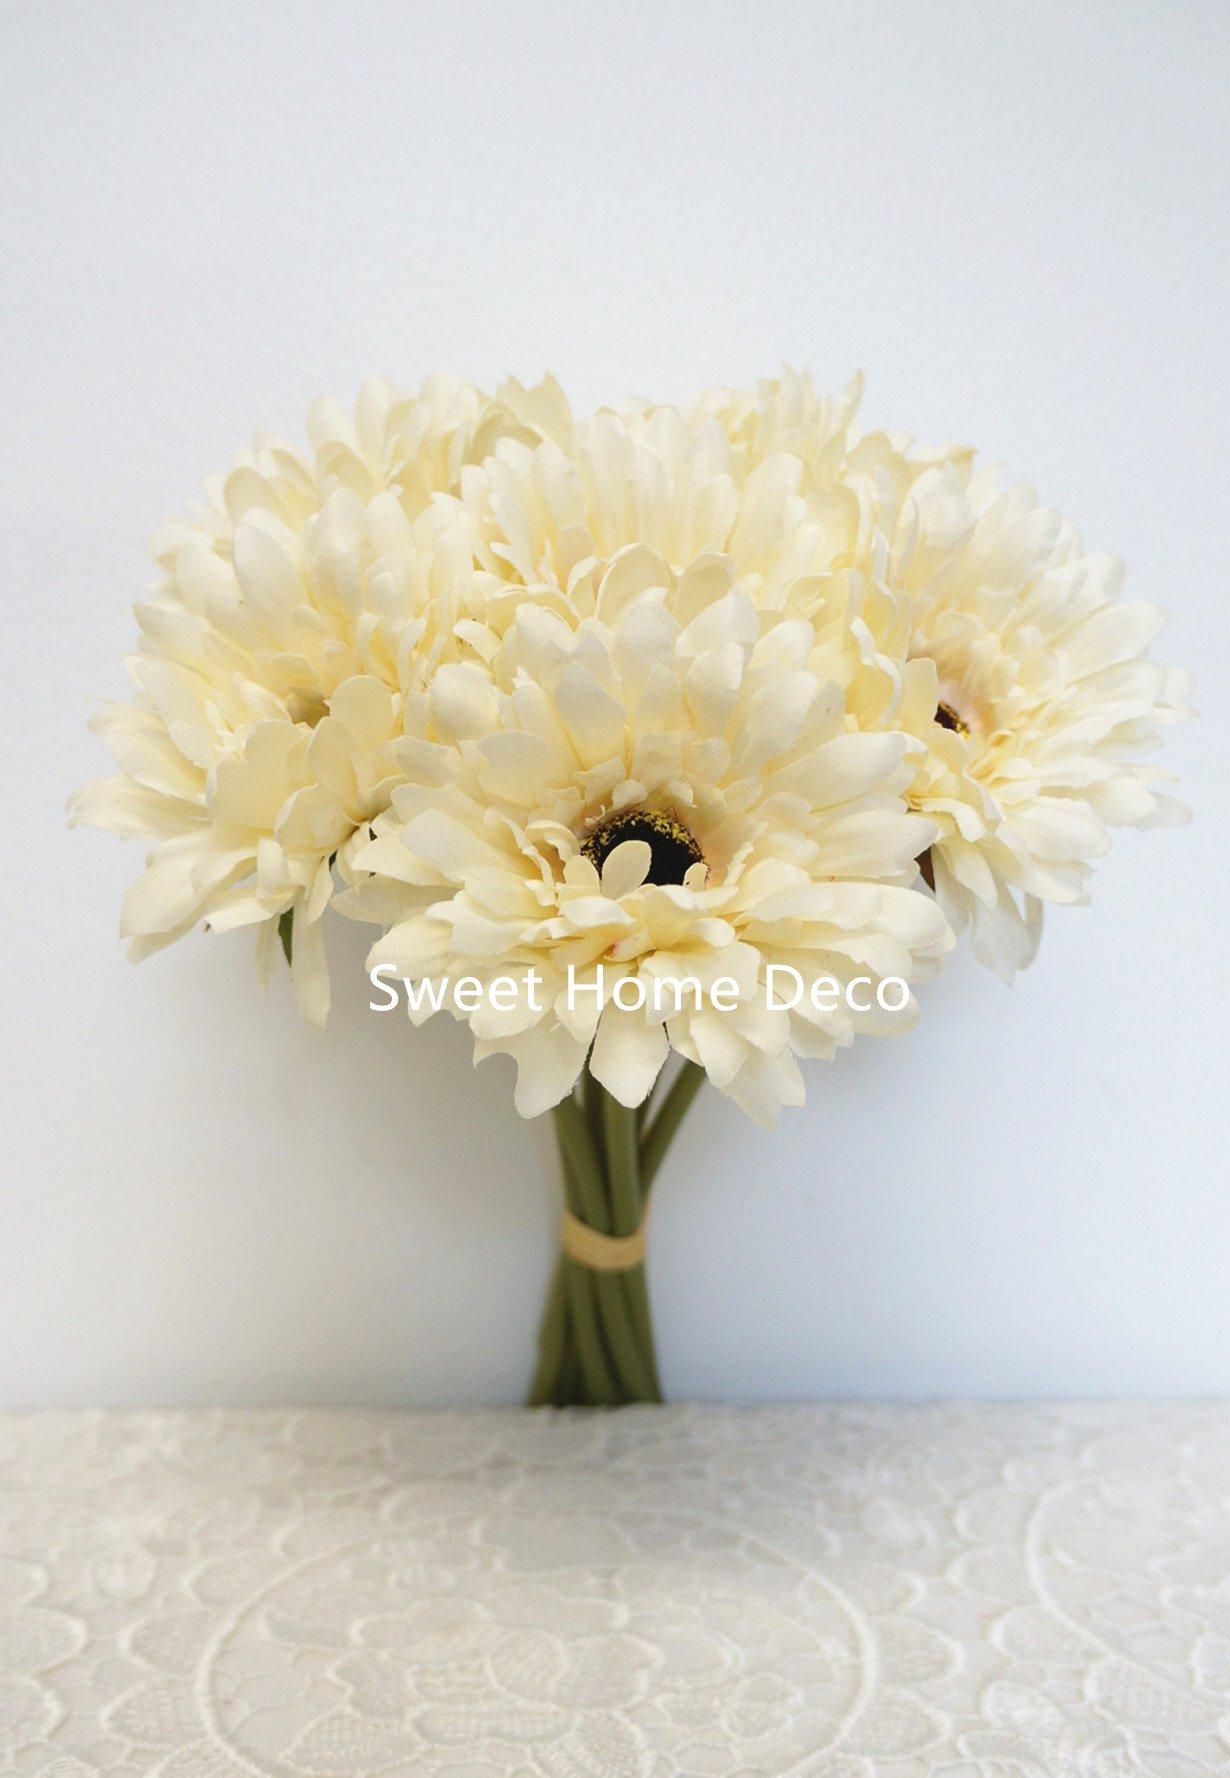 Sweet-Home-Deco-13-Silk-Artificial-Gerbera-Daisy-Flower-Bunch-W-7stems-7-Flower-Heads-HomeWedding